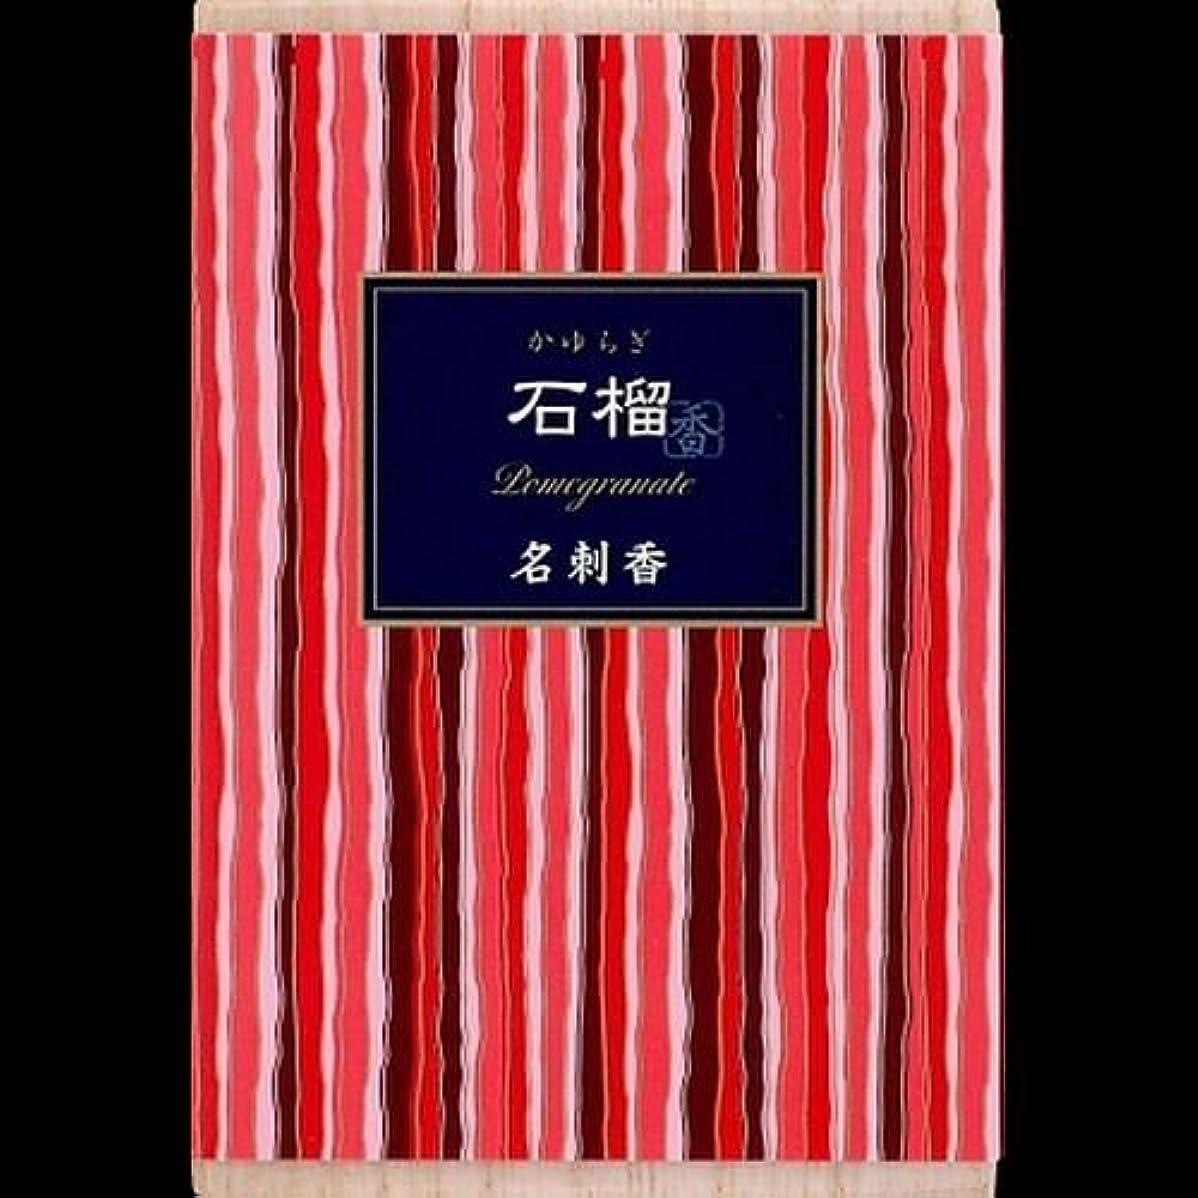 サーキュレーションぞっとするような試す【まとめ買い】かゆらぎ 石榴 名刺香 桐箱 6入 ×2セット